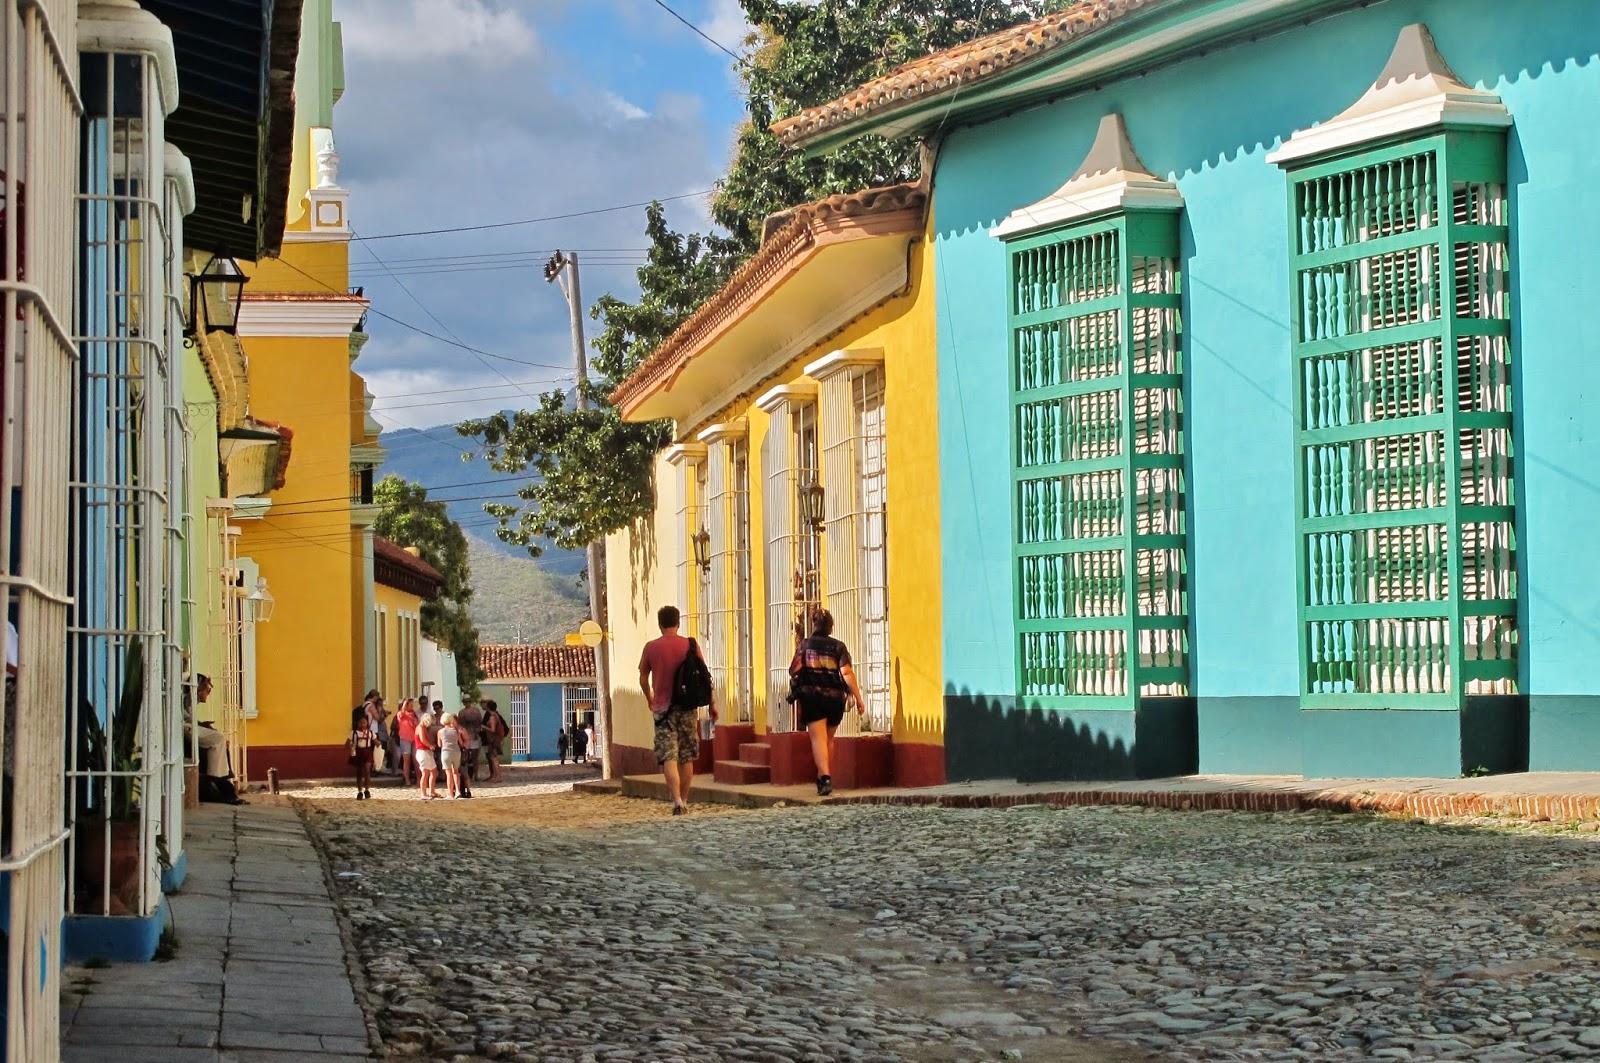 Centro histórico de Trinidad, em Cuba.